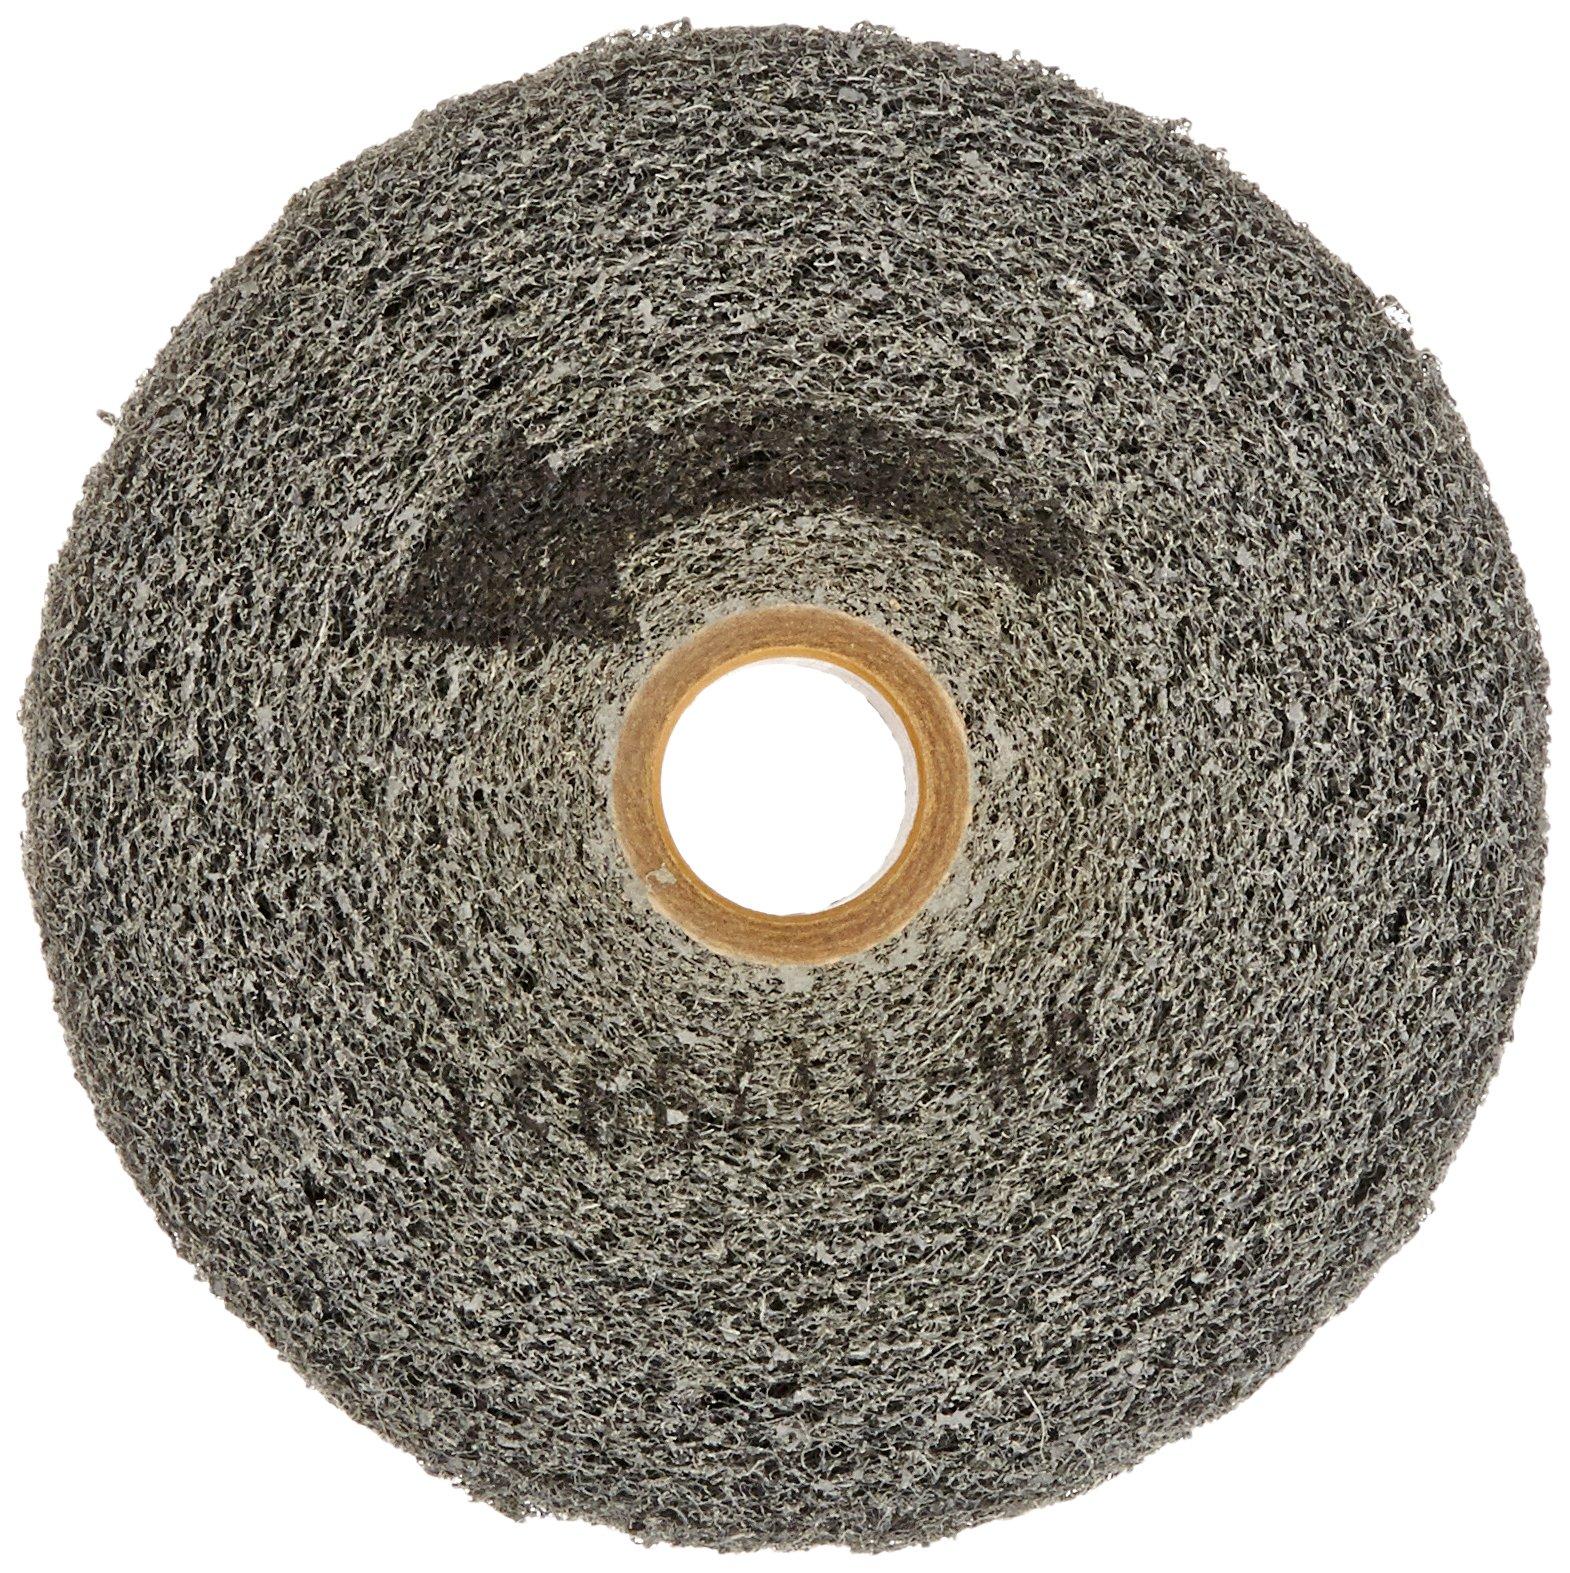 Norton Bear-Tex Clean and Finish Convolute Nonwoven Abrasive Wheel, Silicon Carbide, 6'' Diameter x 1'' Thickness, Grit Fine